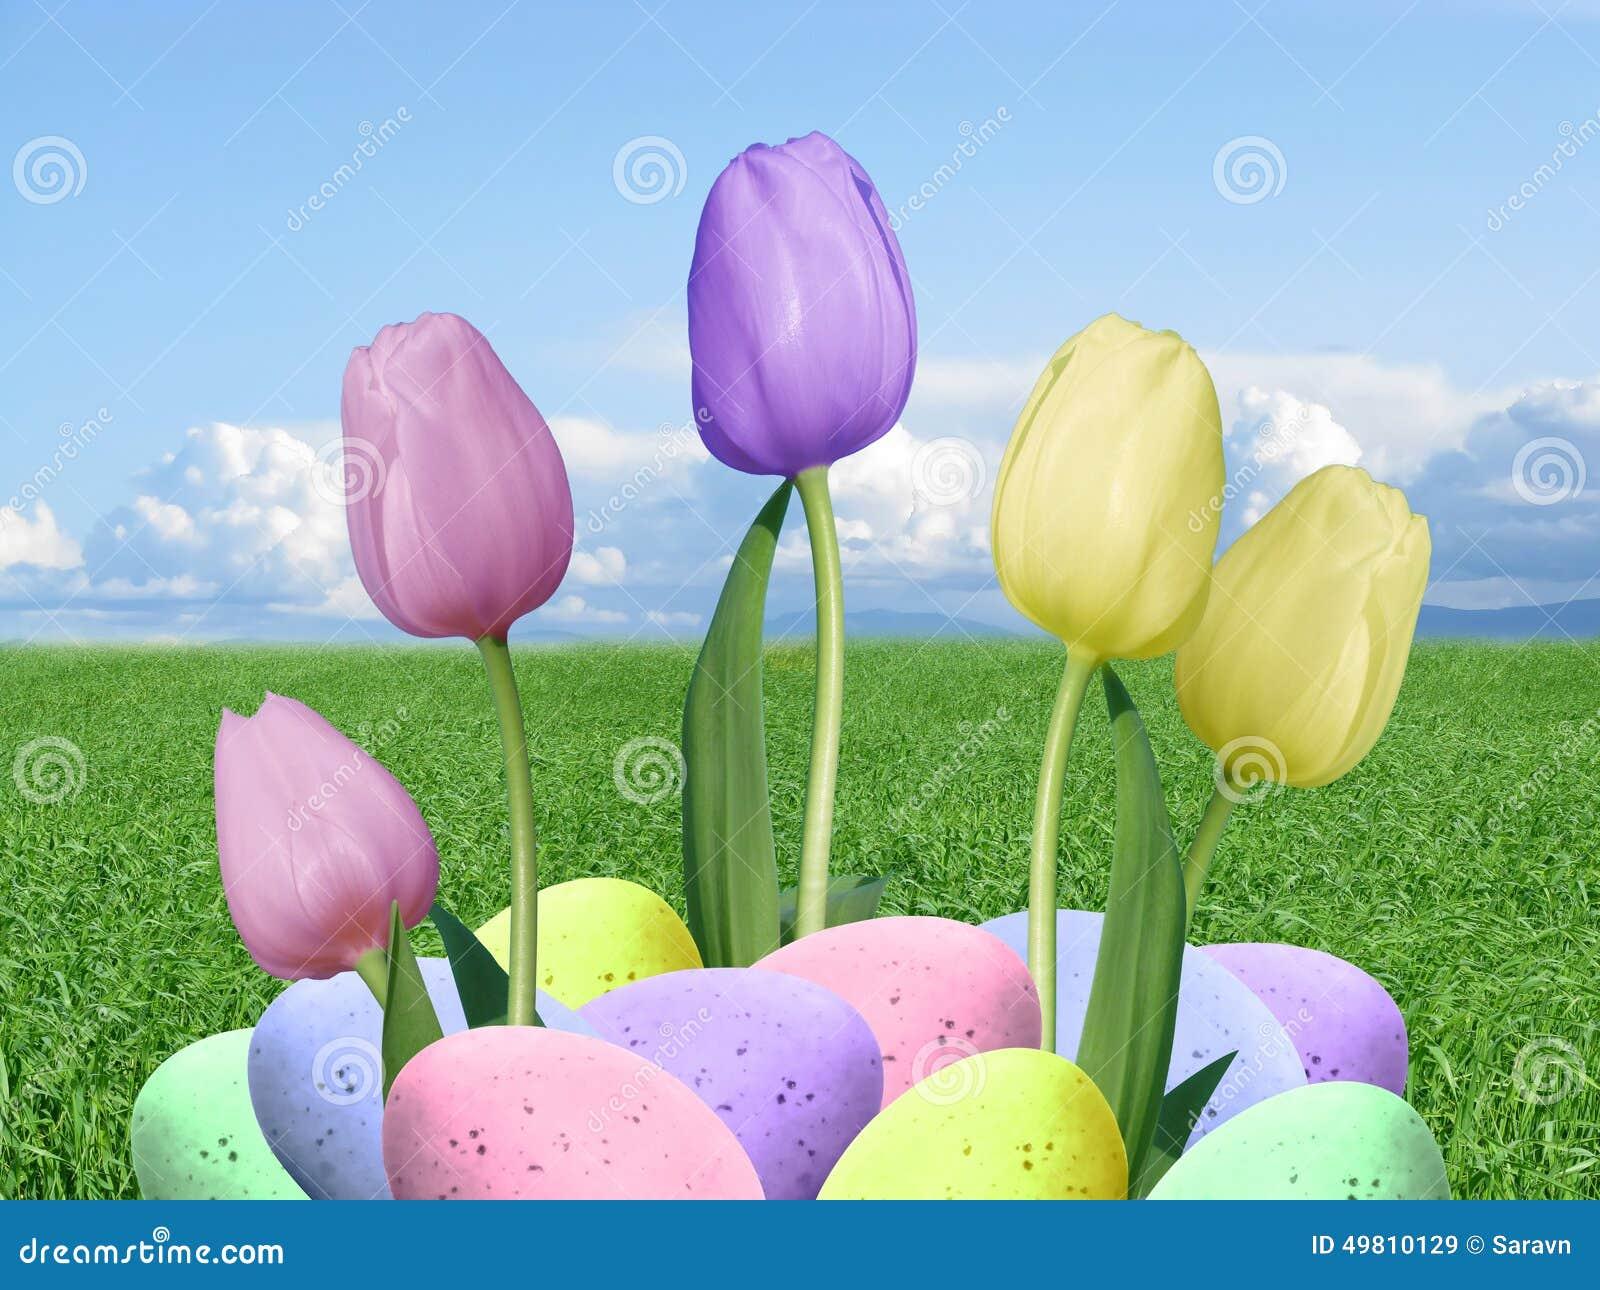 Echte paaseieren en roze purpere en gele tulpen met groen gras en blauwe hemelachtergrond